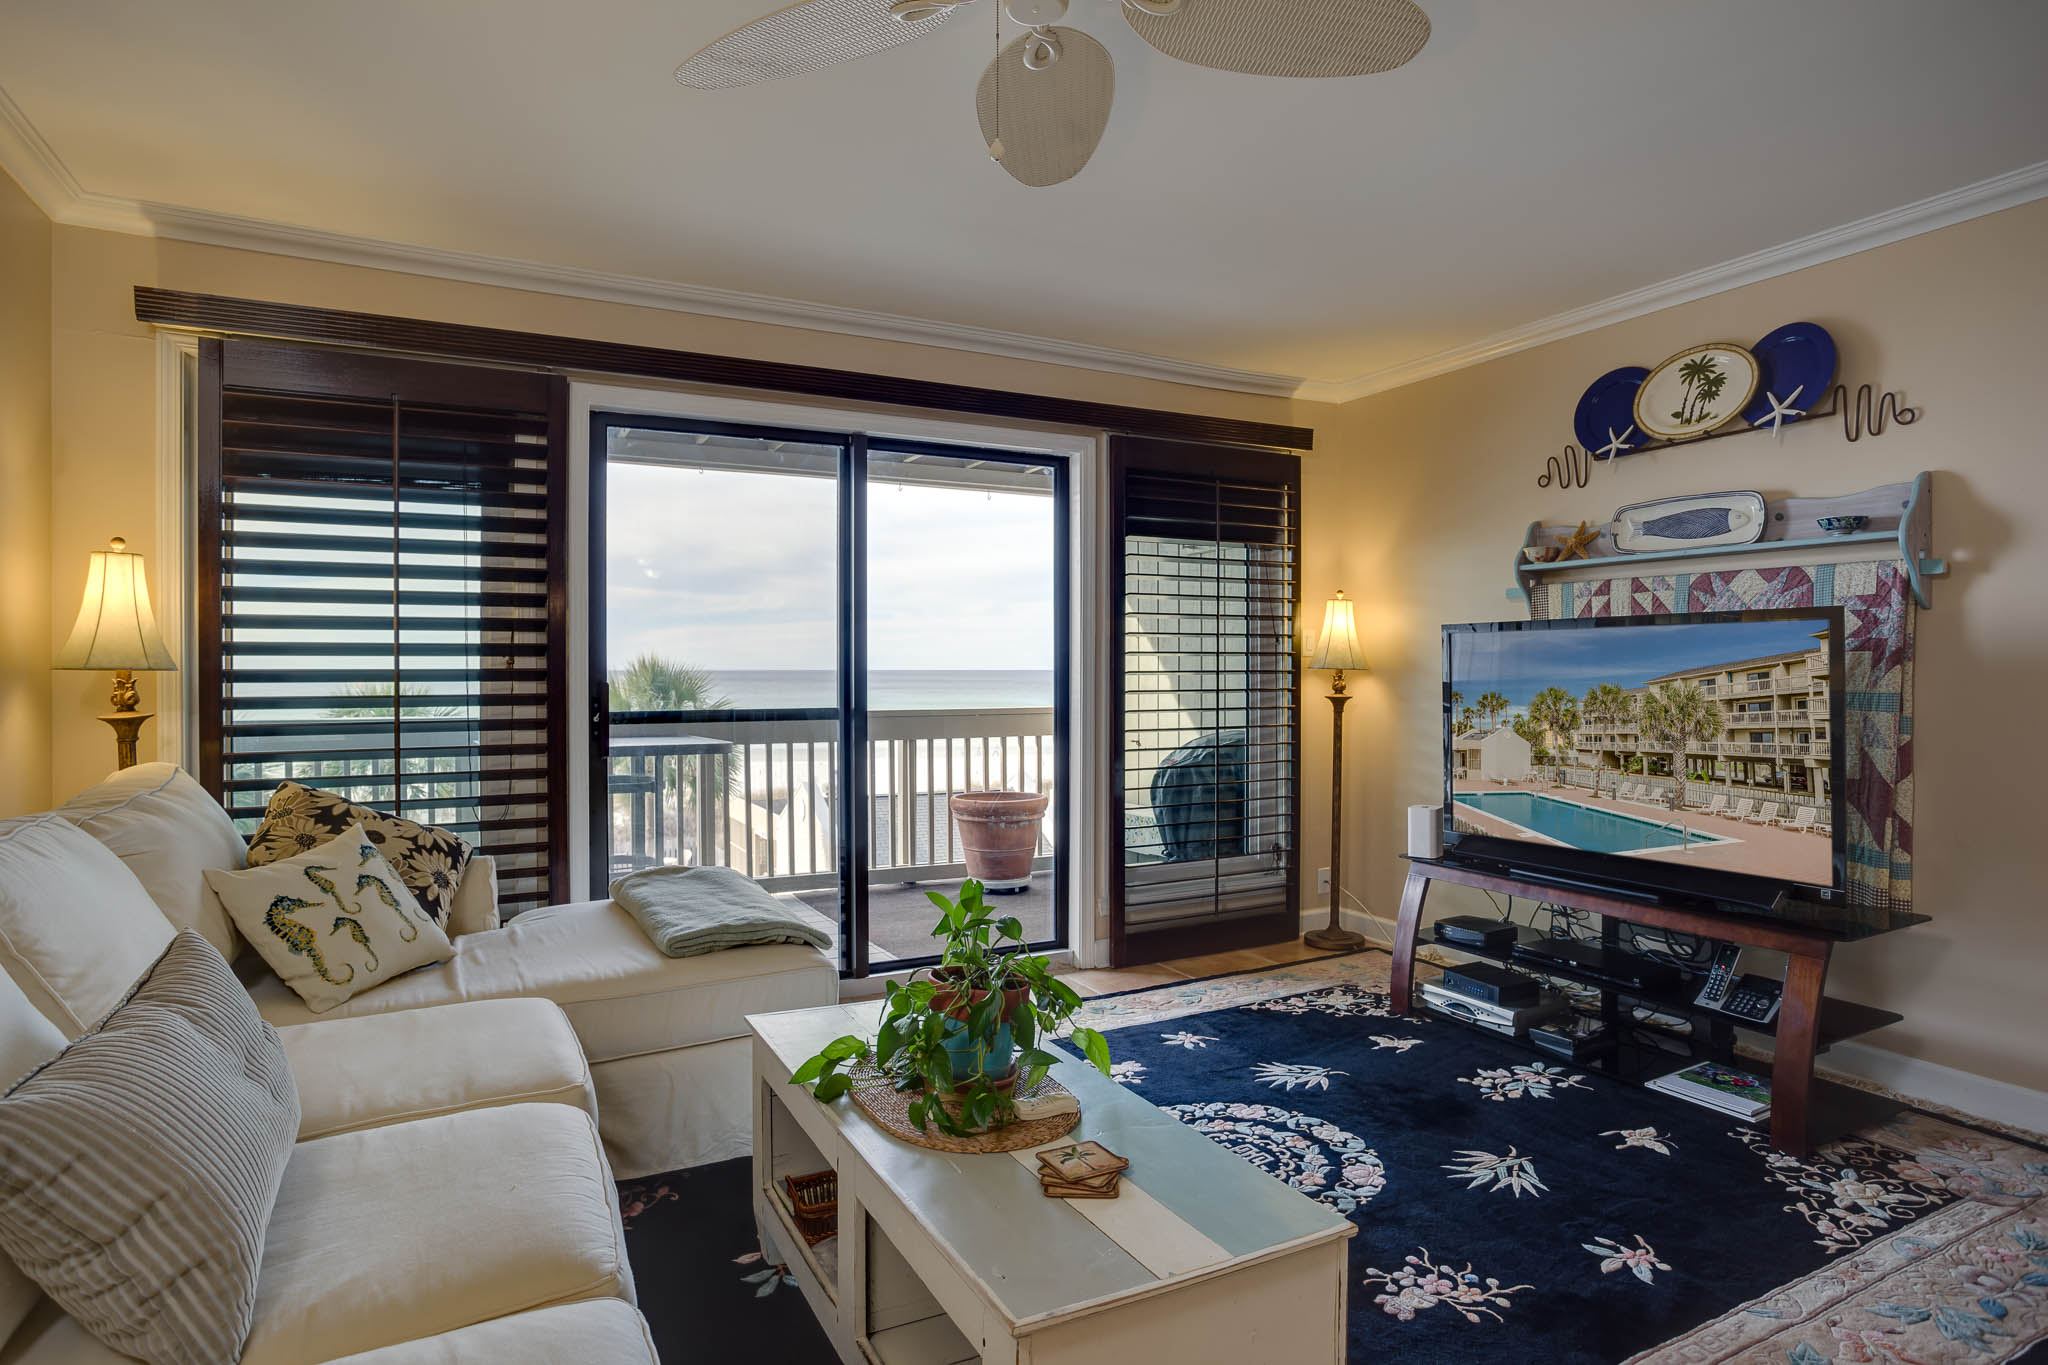 Condomínio para Venda às NEWLY REMODELED NON RENTAL BEACH FRONT CONDO 23011 Front Beach Road 57 Panama City Beach, Florida, 32413 Estados Unidos